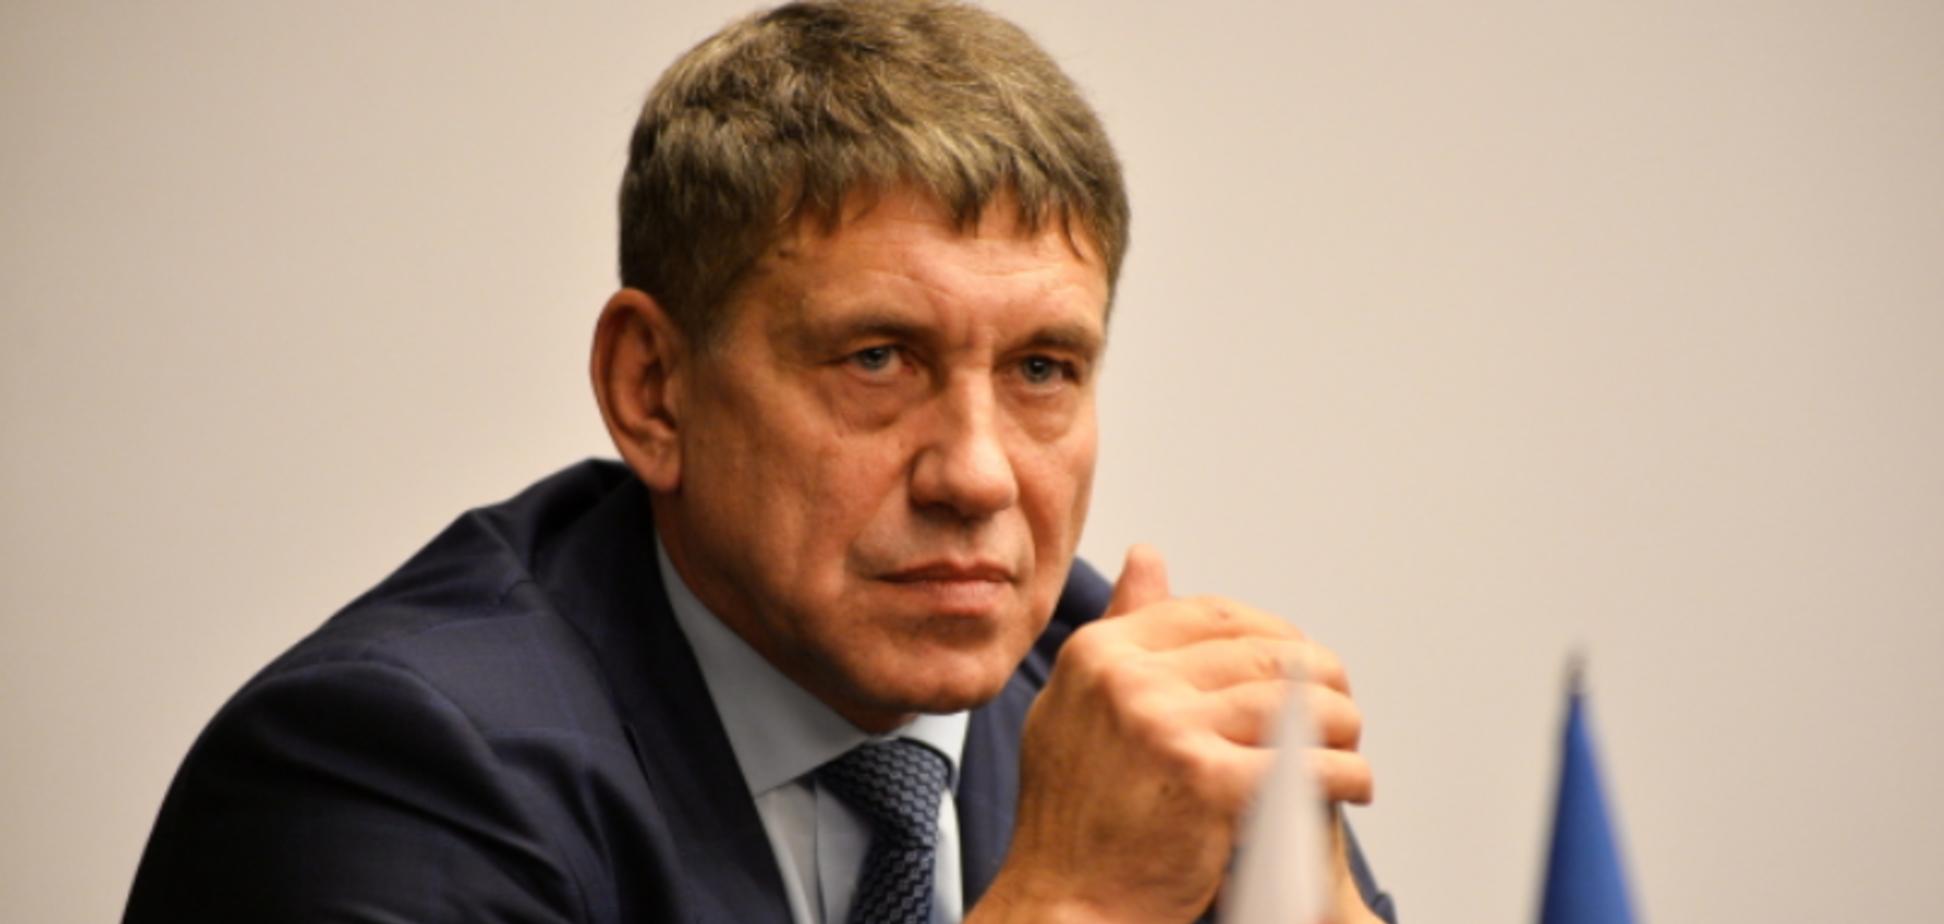 Журналисты раскрыли, как поссорились олигархи Насалик и Дыминский